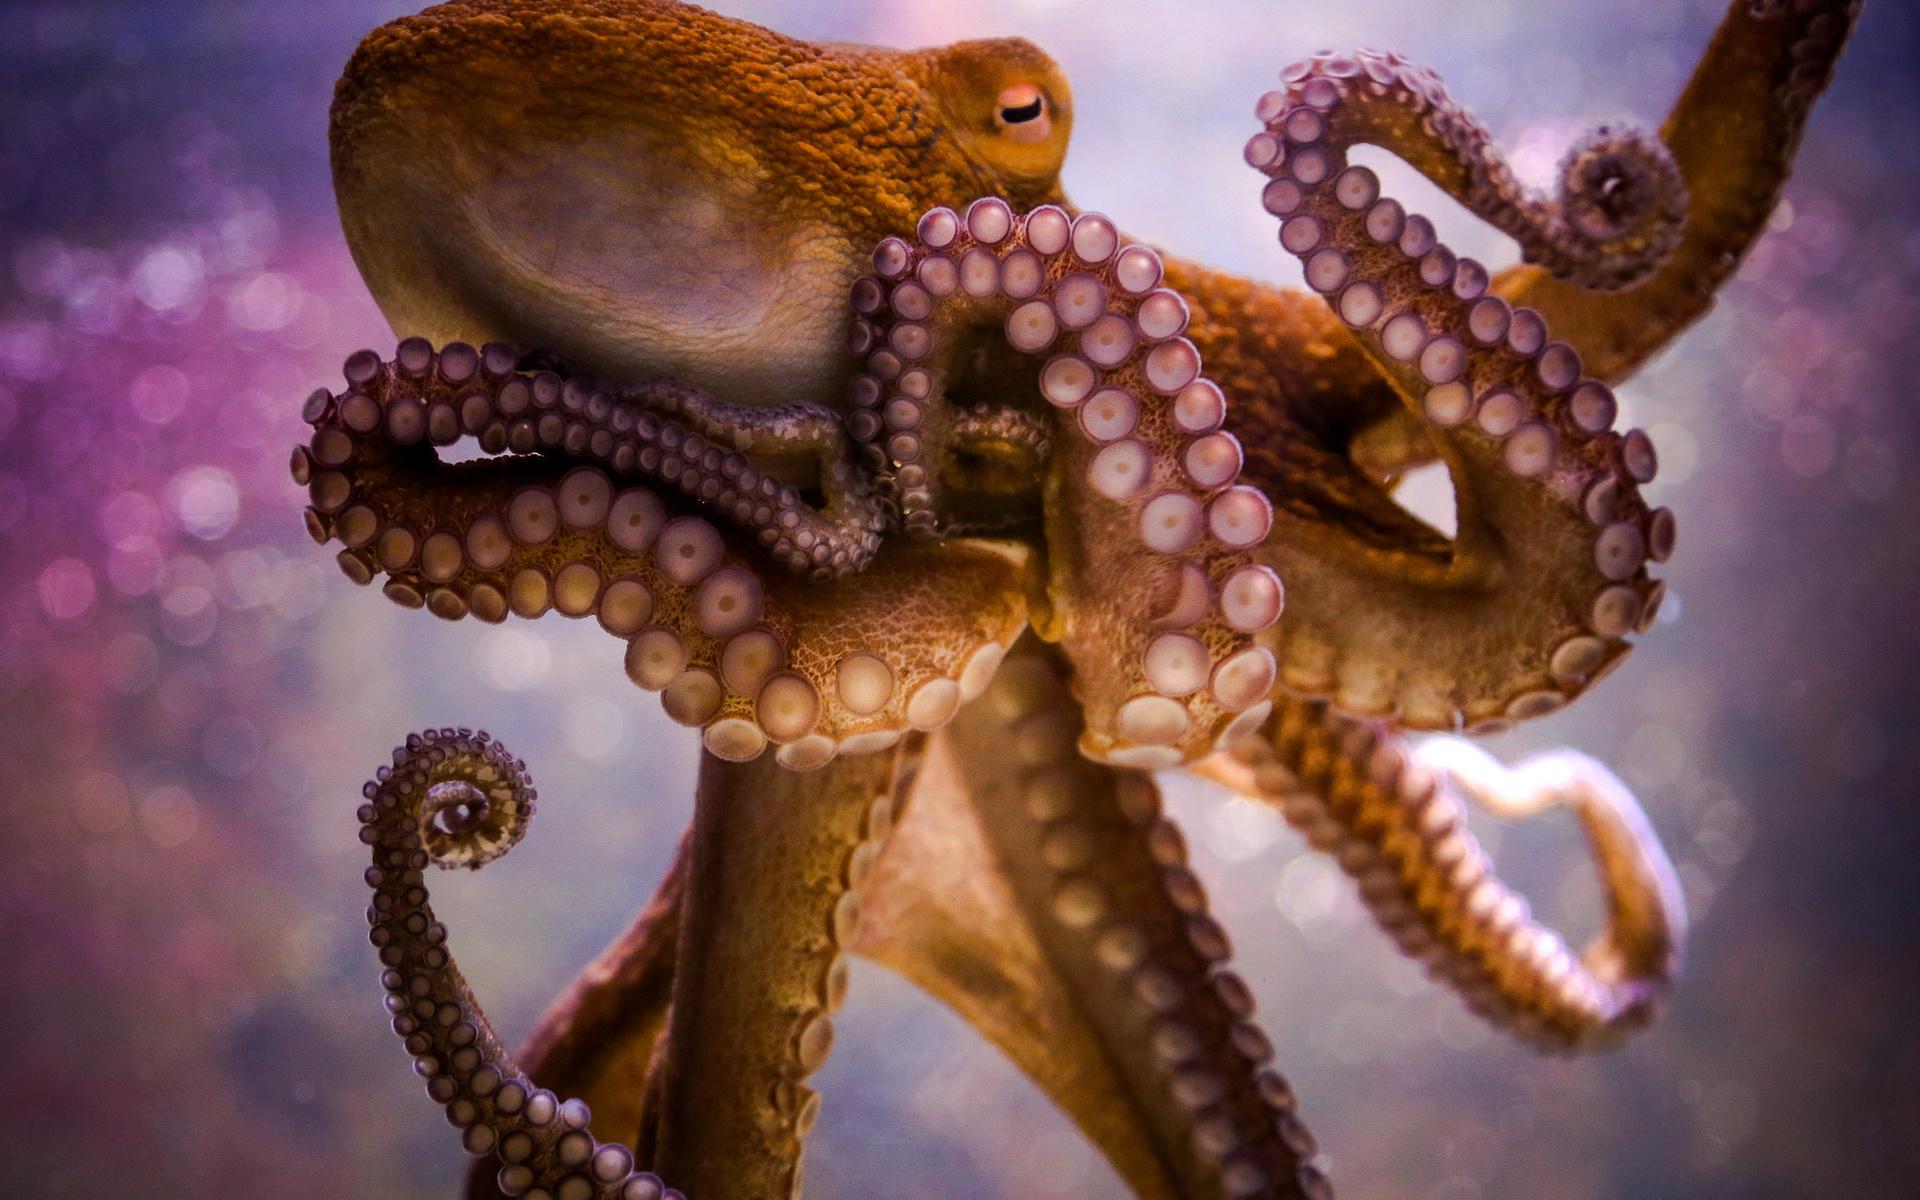 Картинки осьминога в хорошем качестве